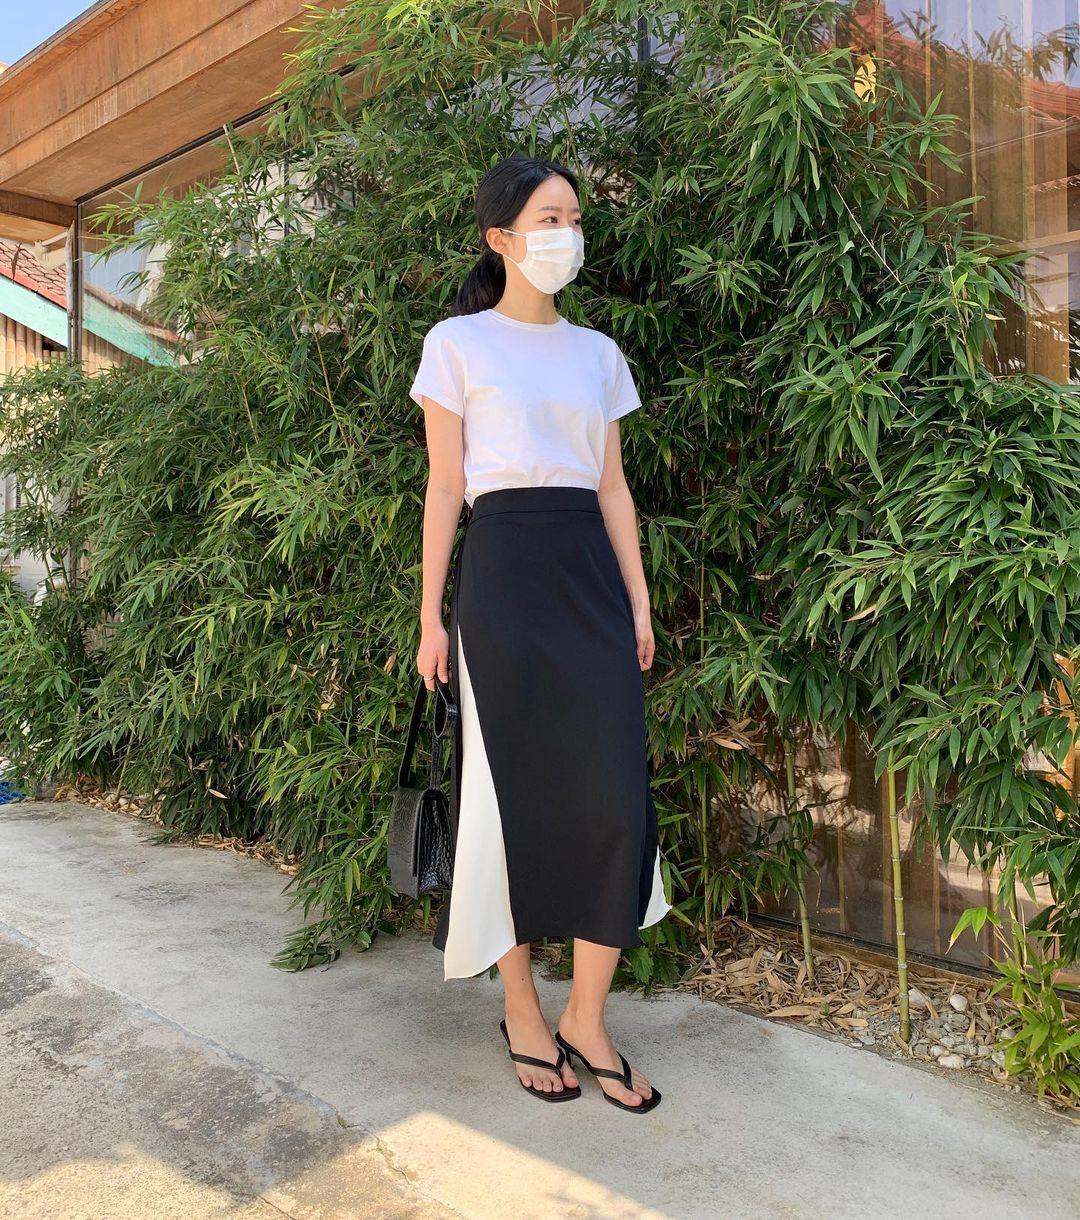 Nàng blogger Hàn có biệt tài diện toàn đồ đơn giản mà ai cũng muốn copy theo, diện đi làm hay đi chơi cũng ổn - Ảnh 3.